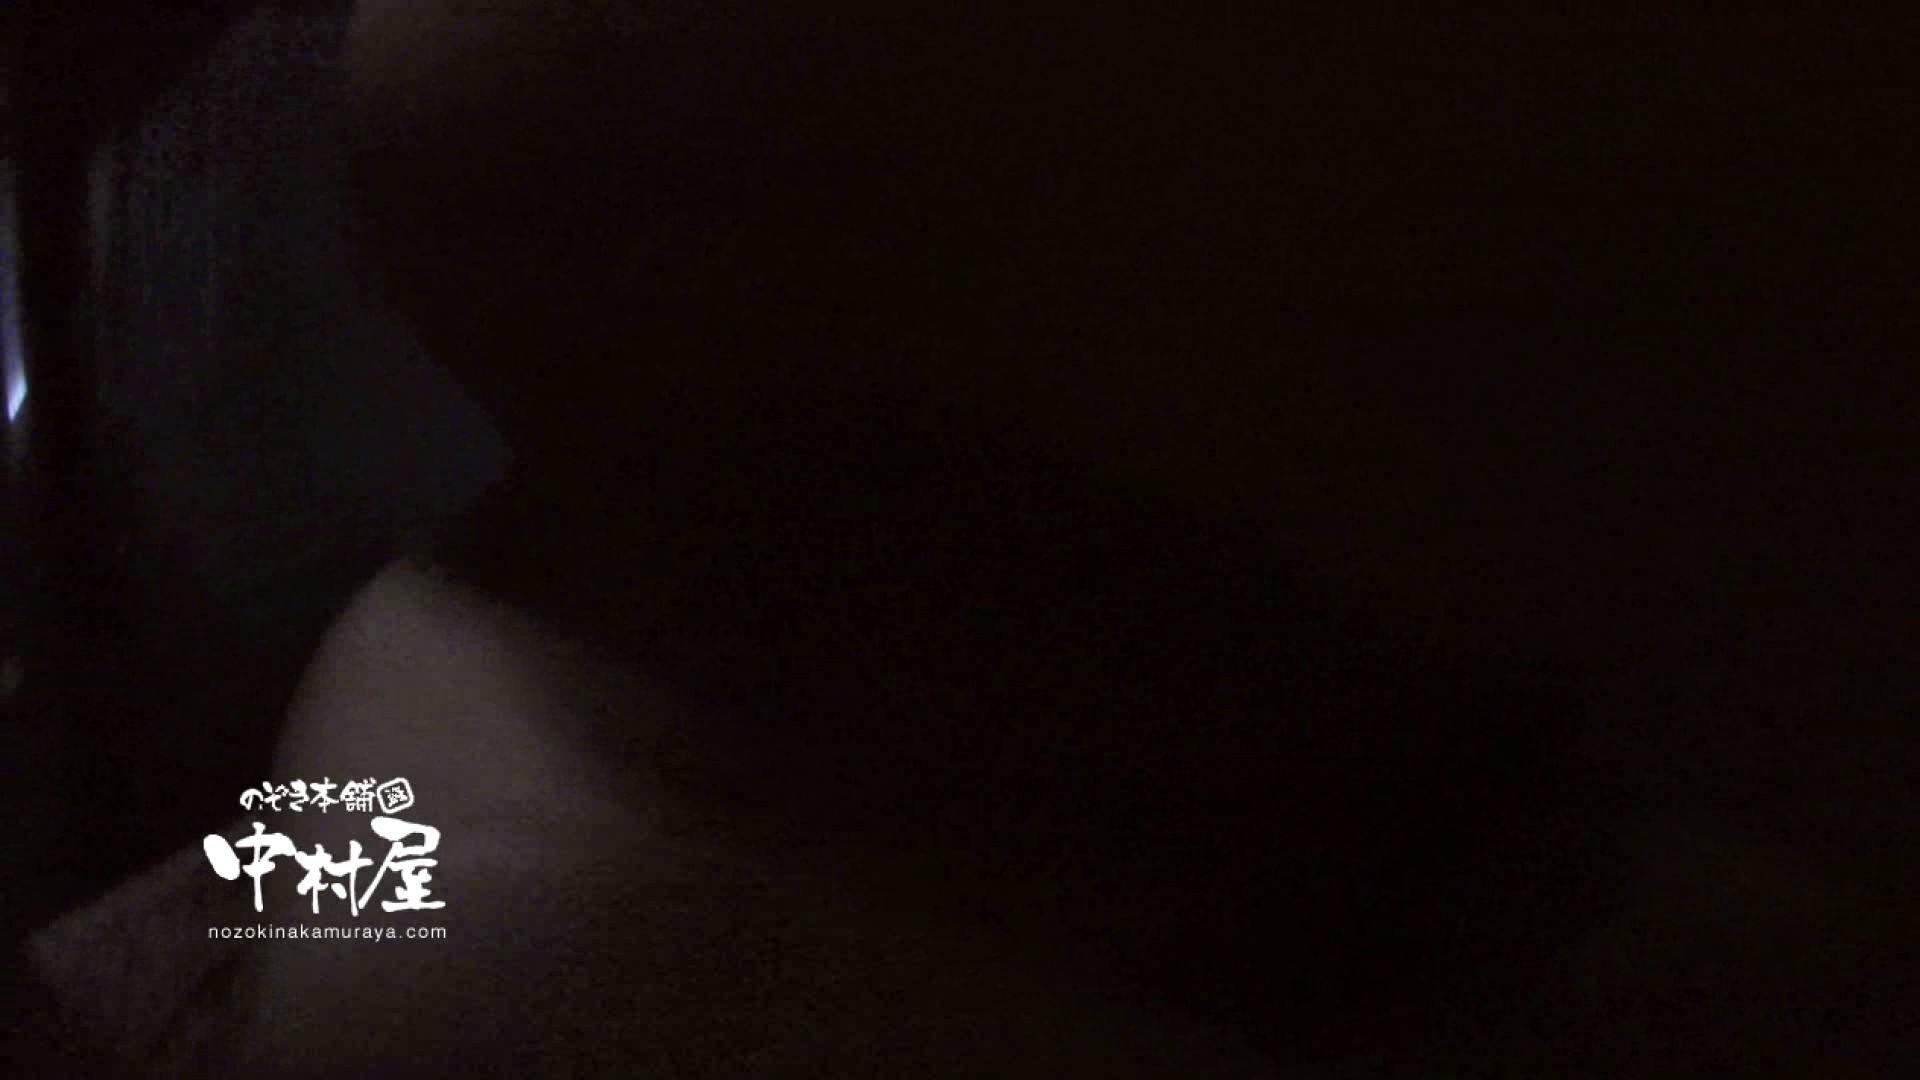 鬼畜 vol.10 あぁ無情…中出しパイパン! 前編 鬼畜  98枚 65